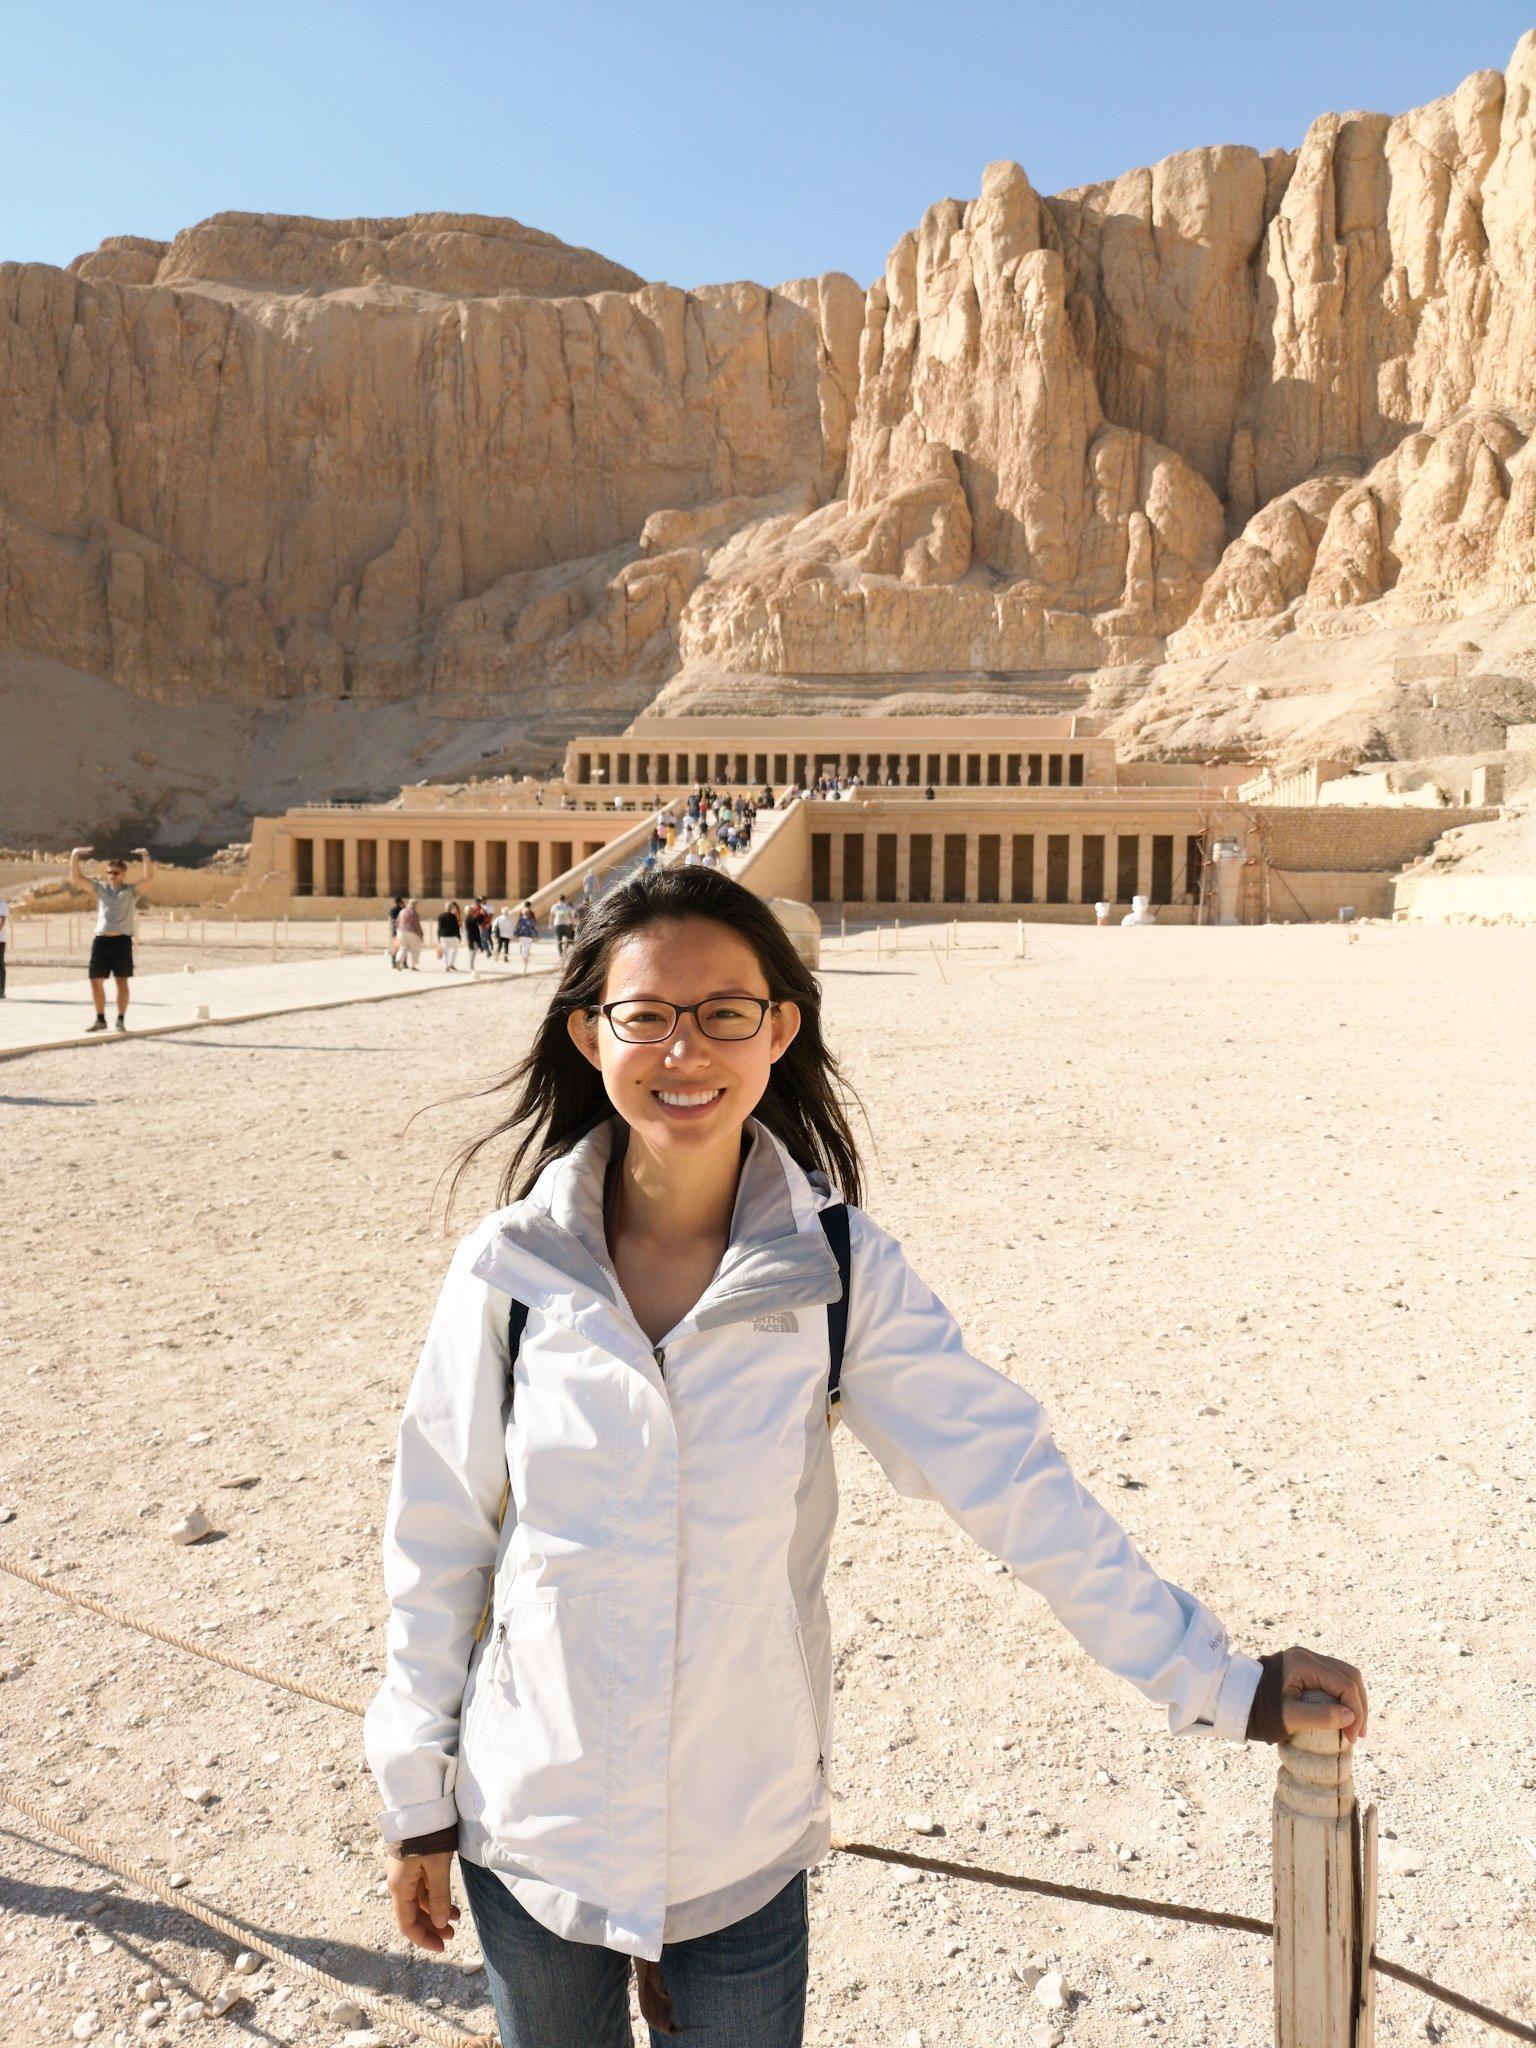 Queen Hepshupset Temple